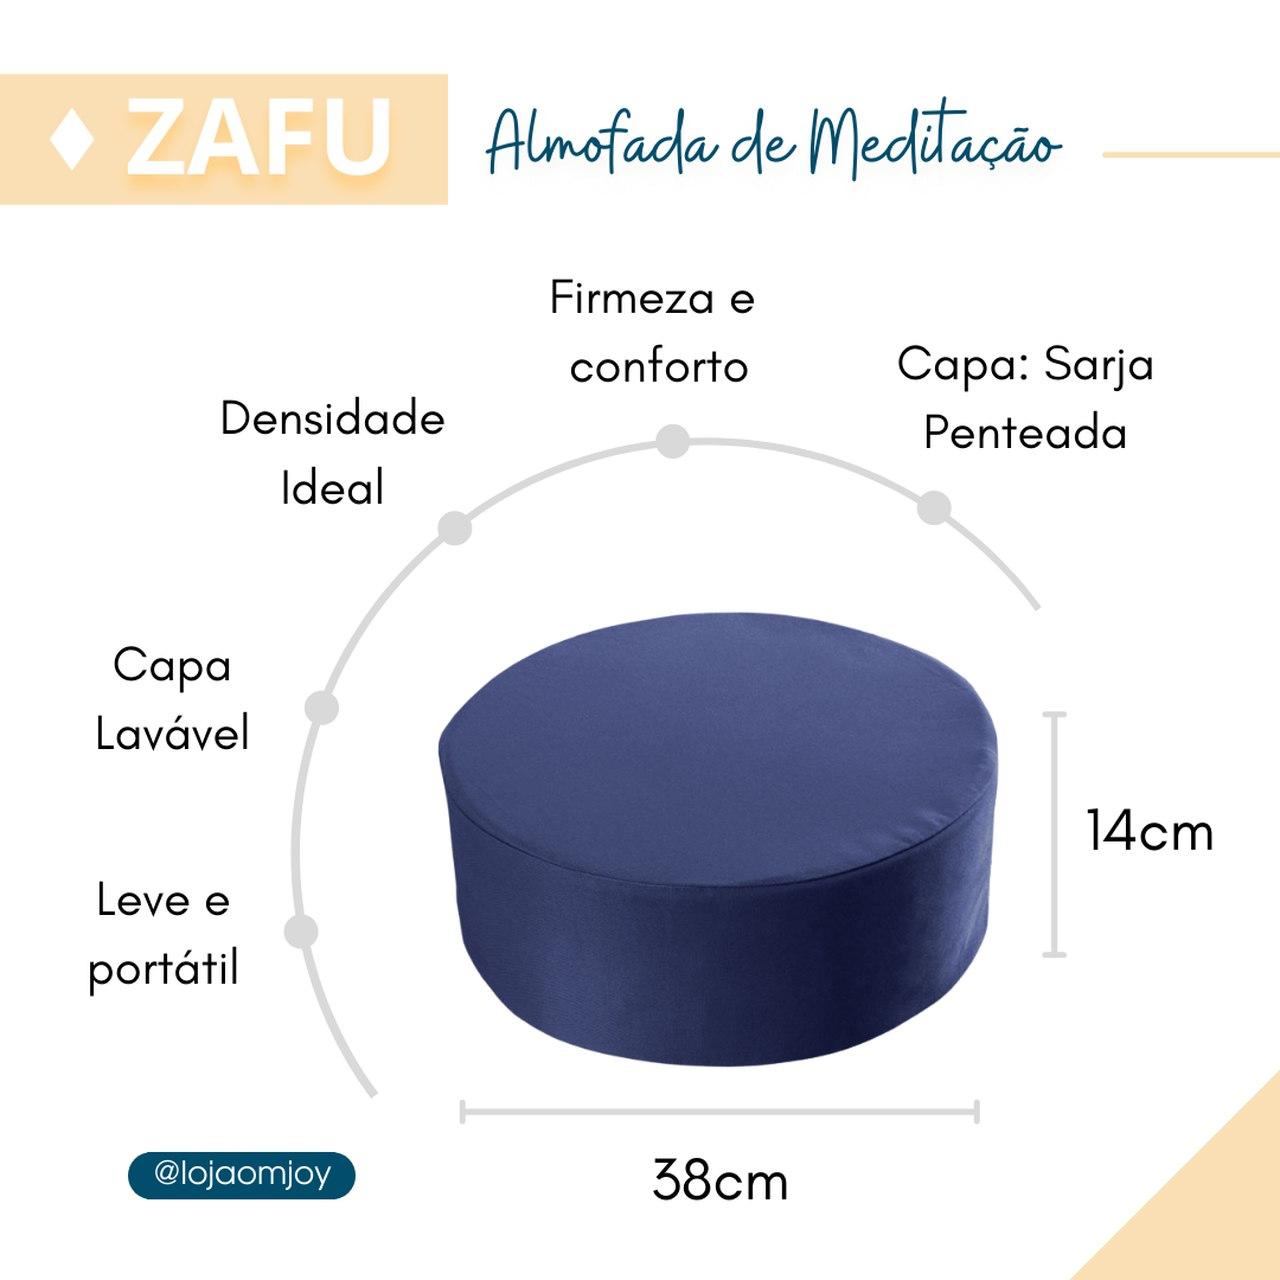 Zafu - Almofada para Meditação